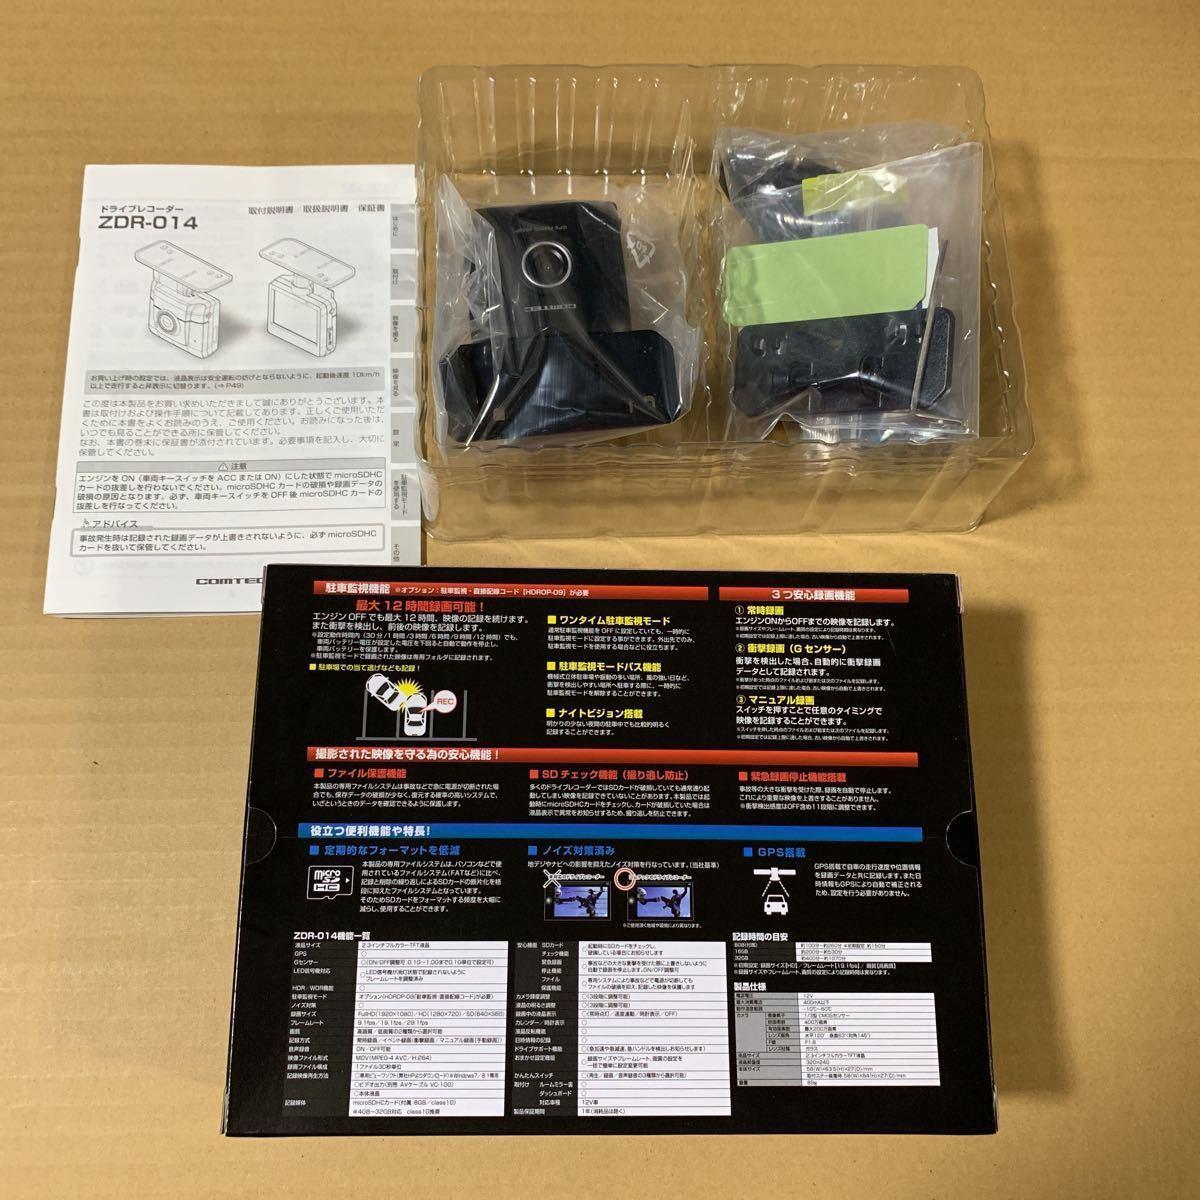 【ドラレコ】美品!中古 コムテックGPS搭載 高性能ドライブレコーダー ZDR-014 _画像2